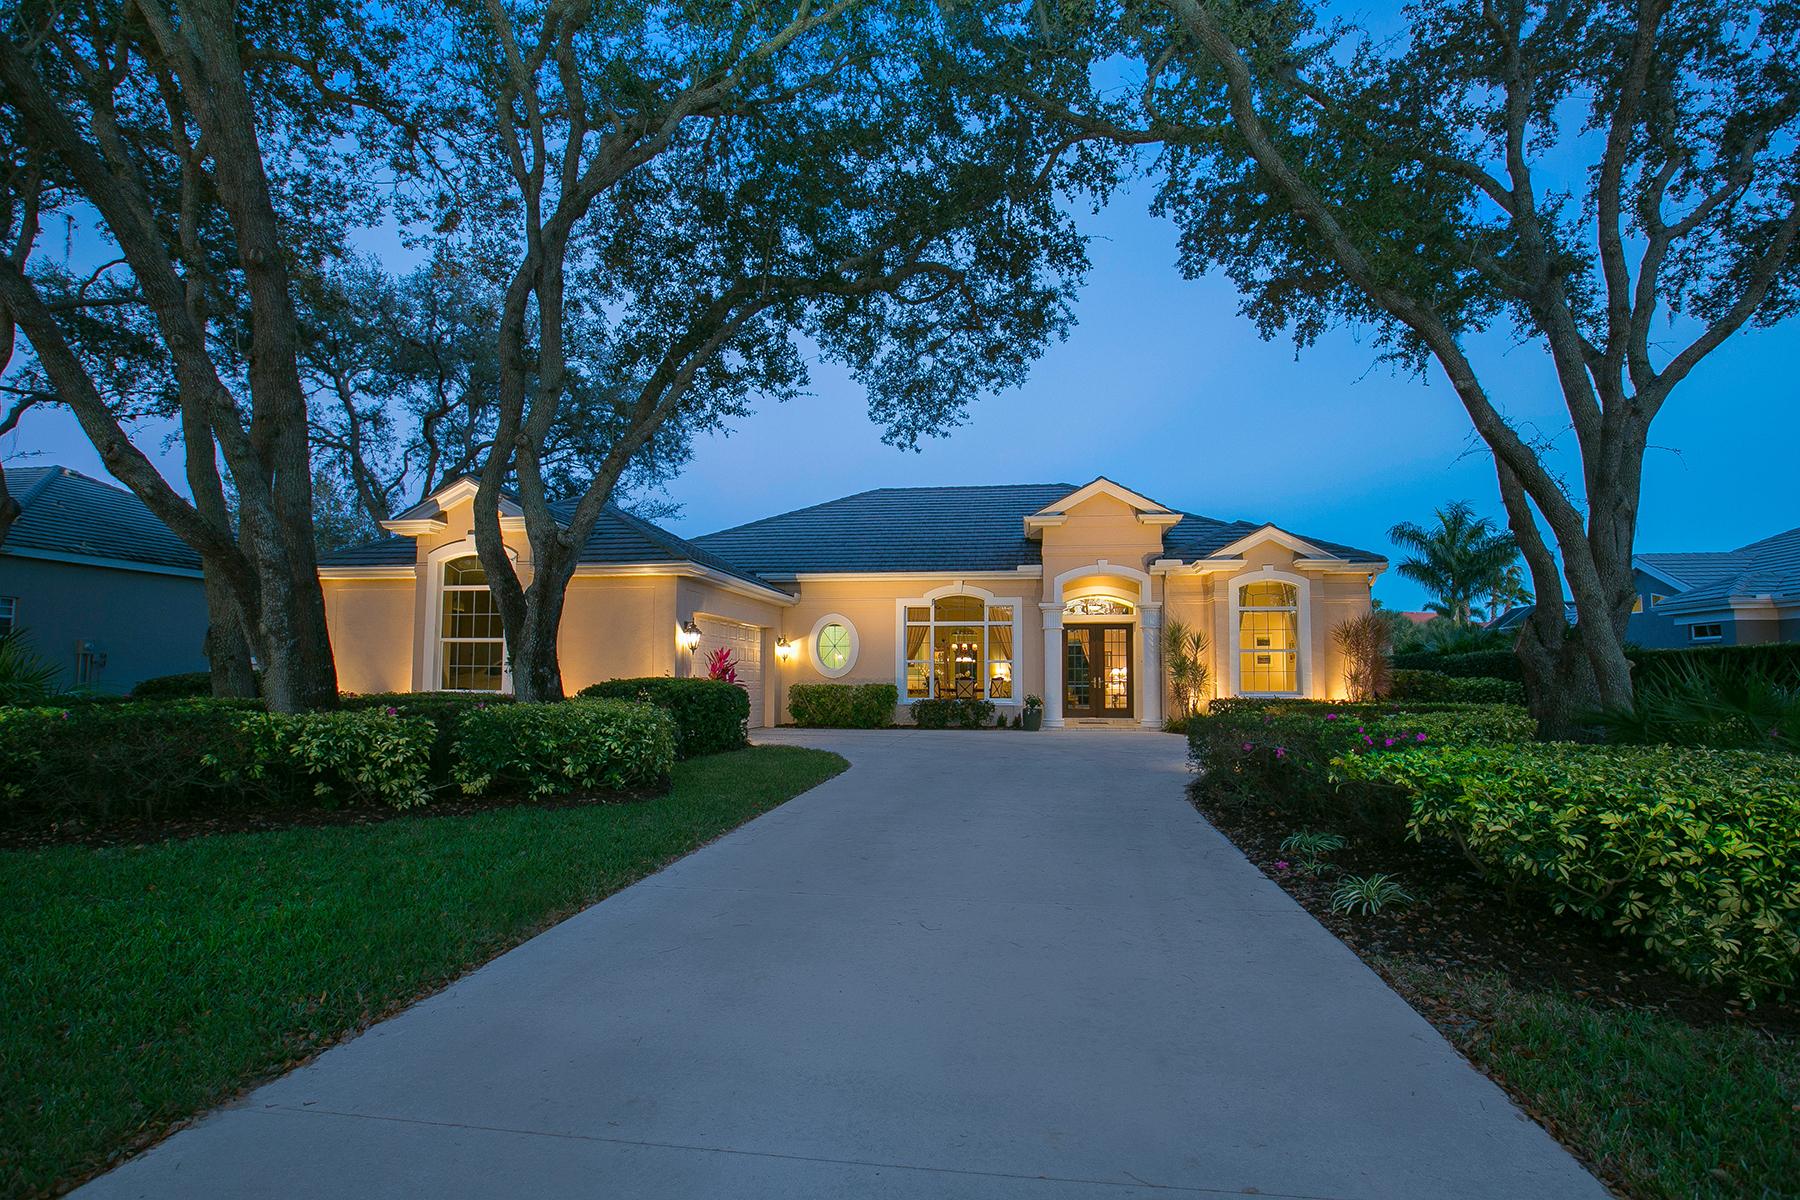 独户住宅 为 销售 在 BOCA ROYALE 11 N Cayman Isles Blvd 恩格尔伍德, 佛罗里达州, 34223 美国